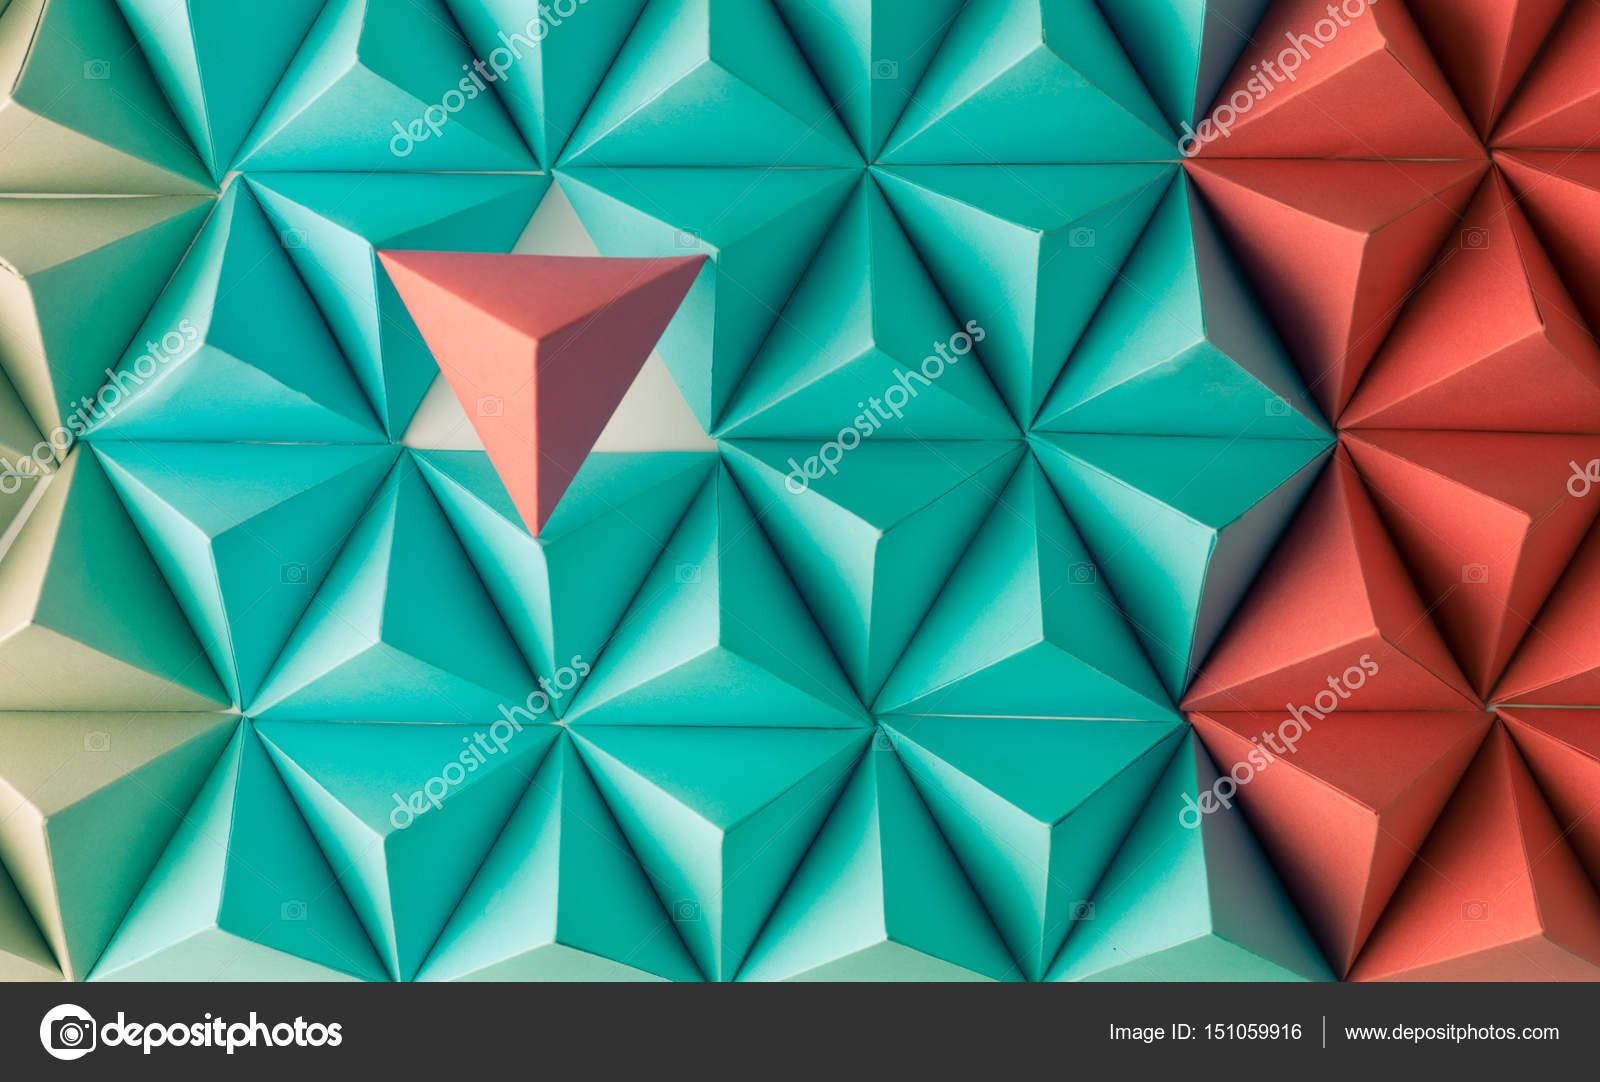 Abstrait Bleu Poly Papier Rouge Issu Du Fond Ttradre Utile Pour Les Cartes De Visite Et Le Web Image Shotsstudio